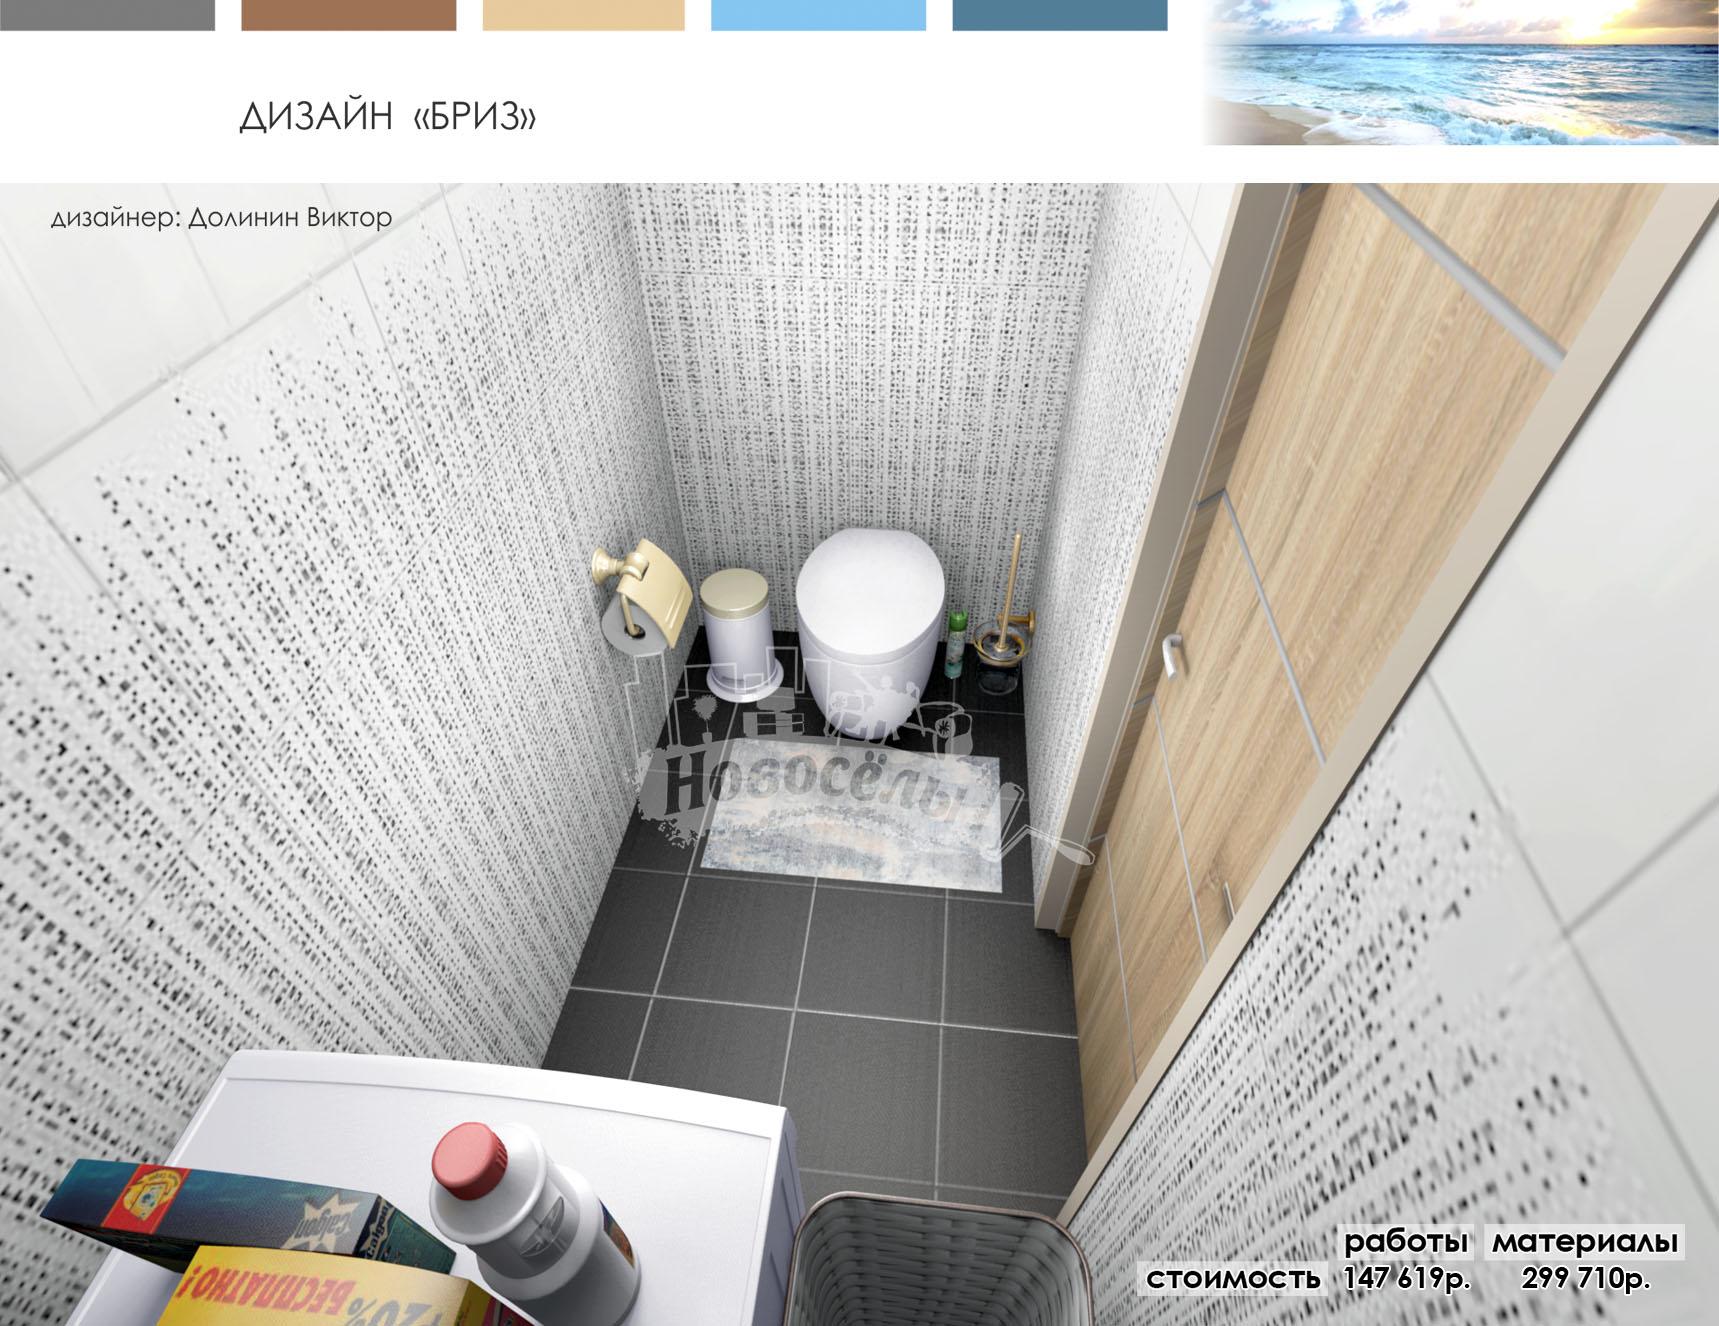 туалет ЖК Черниковские высотки